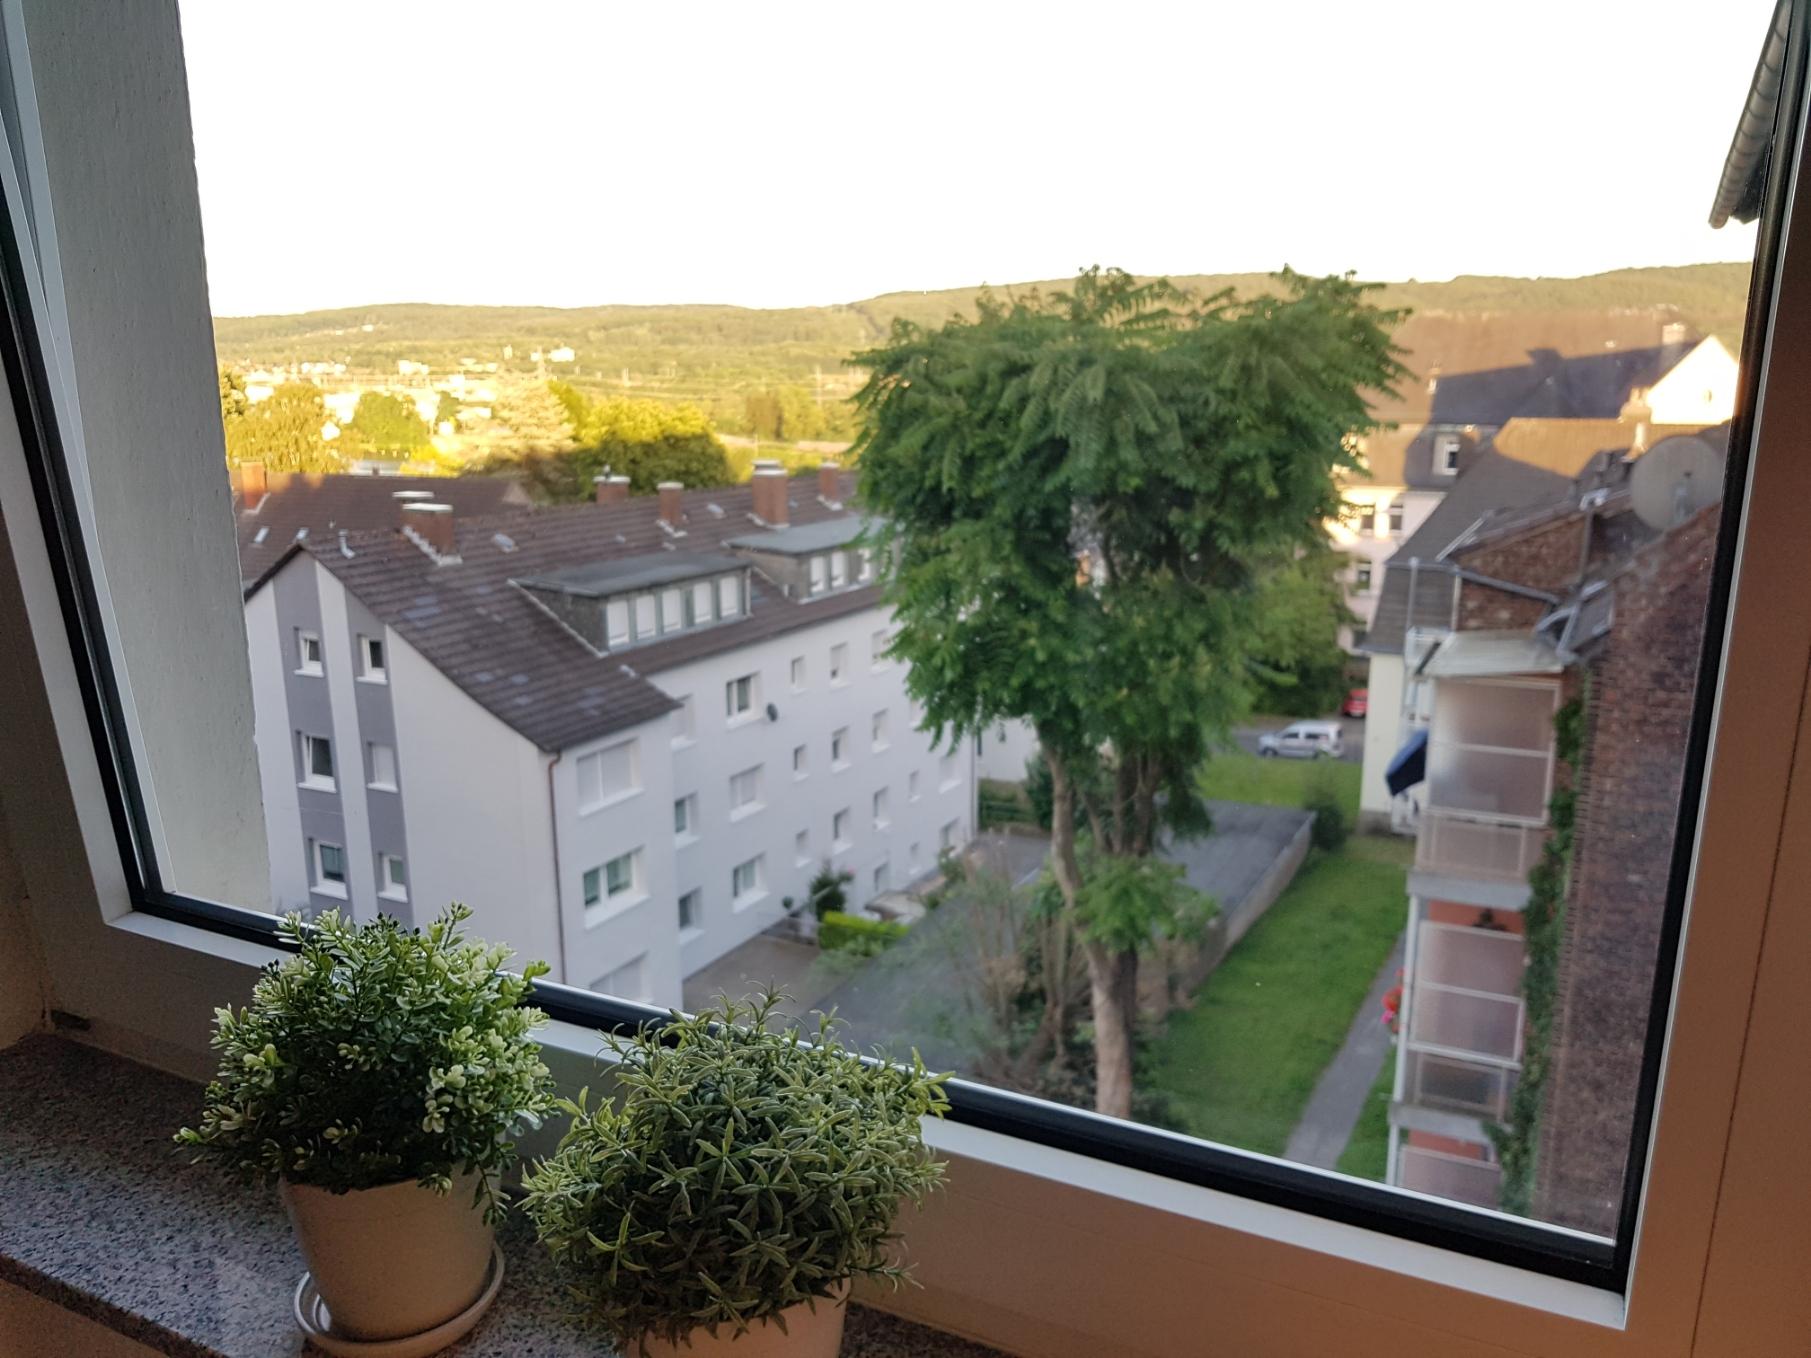 Apartment Wetter Ausblick aus dem Küchenfenster